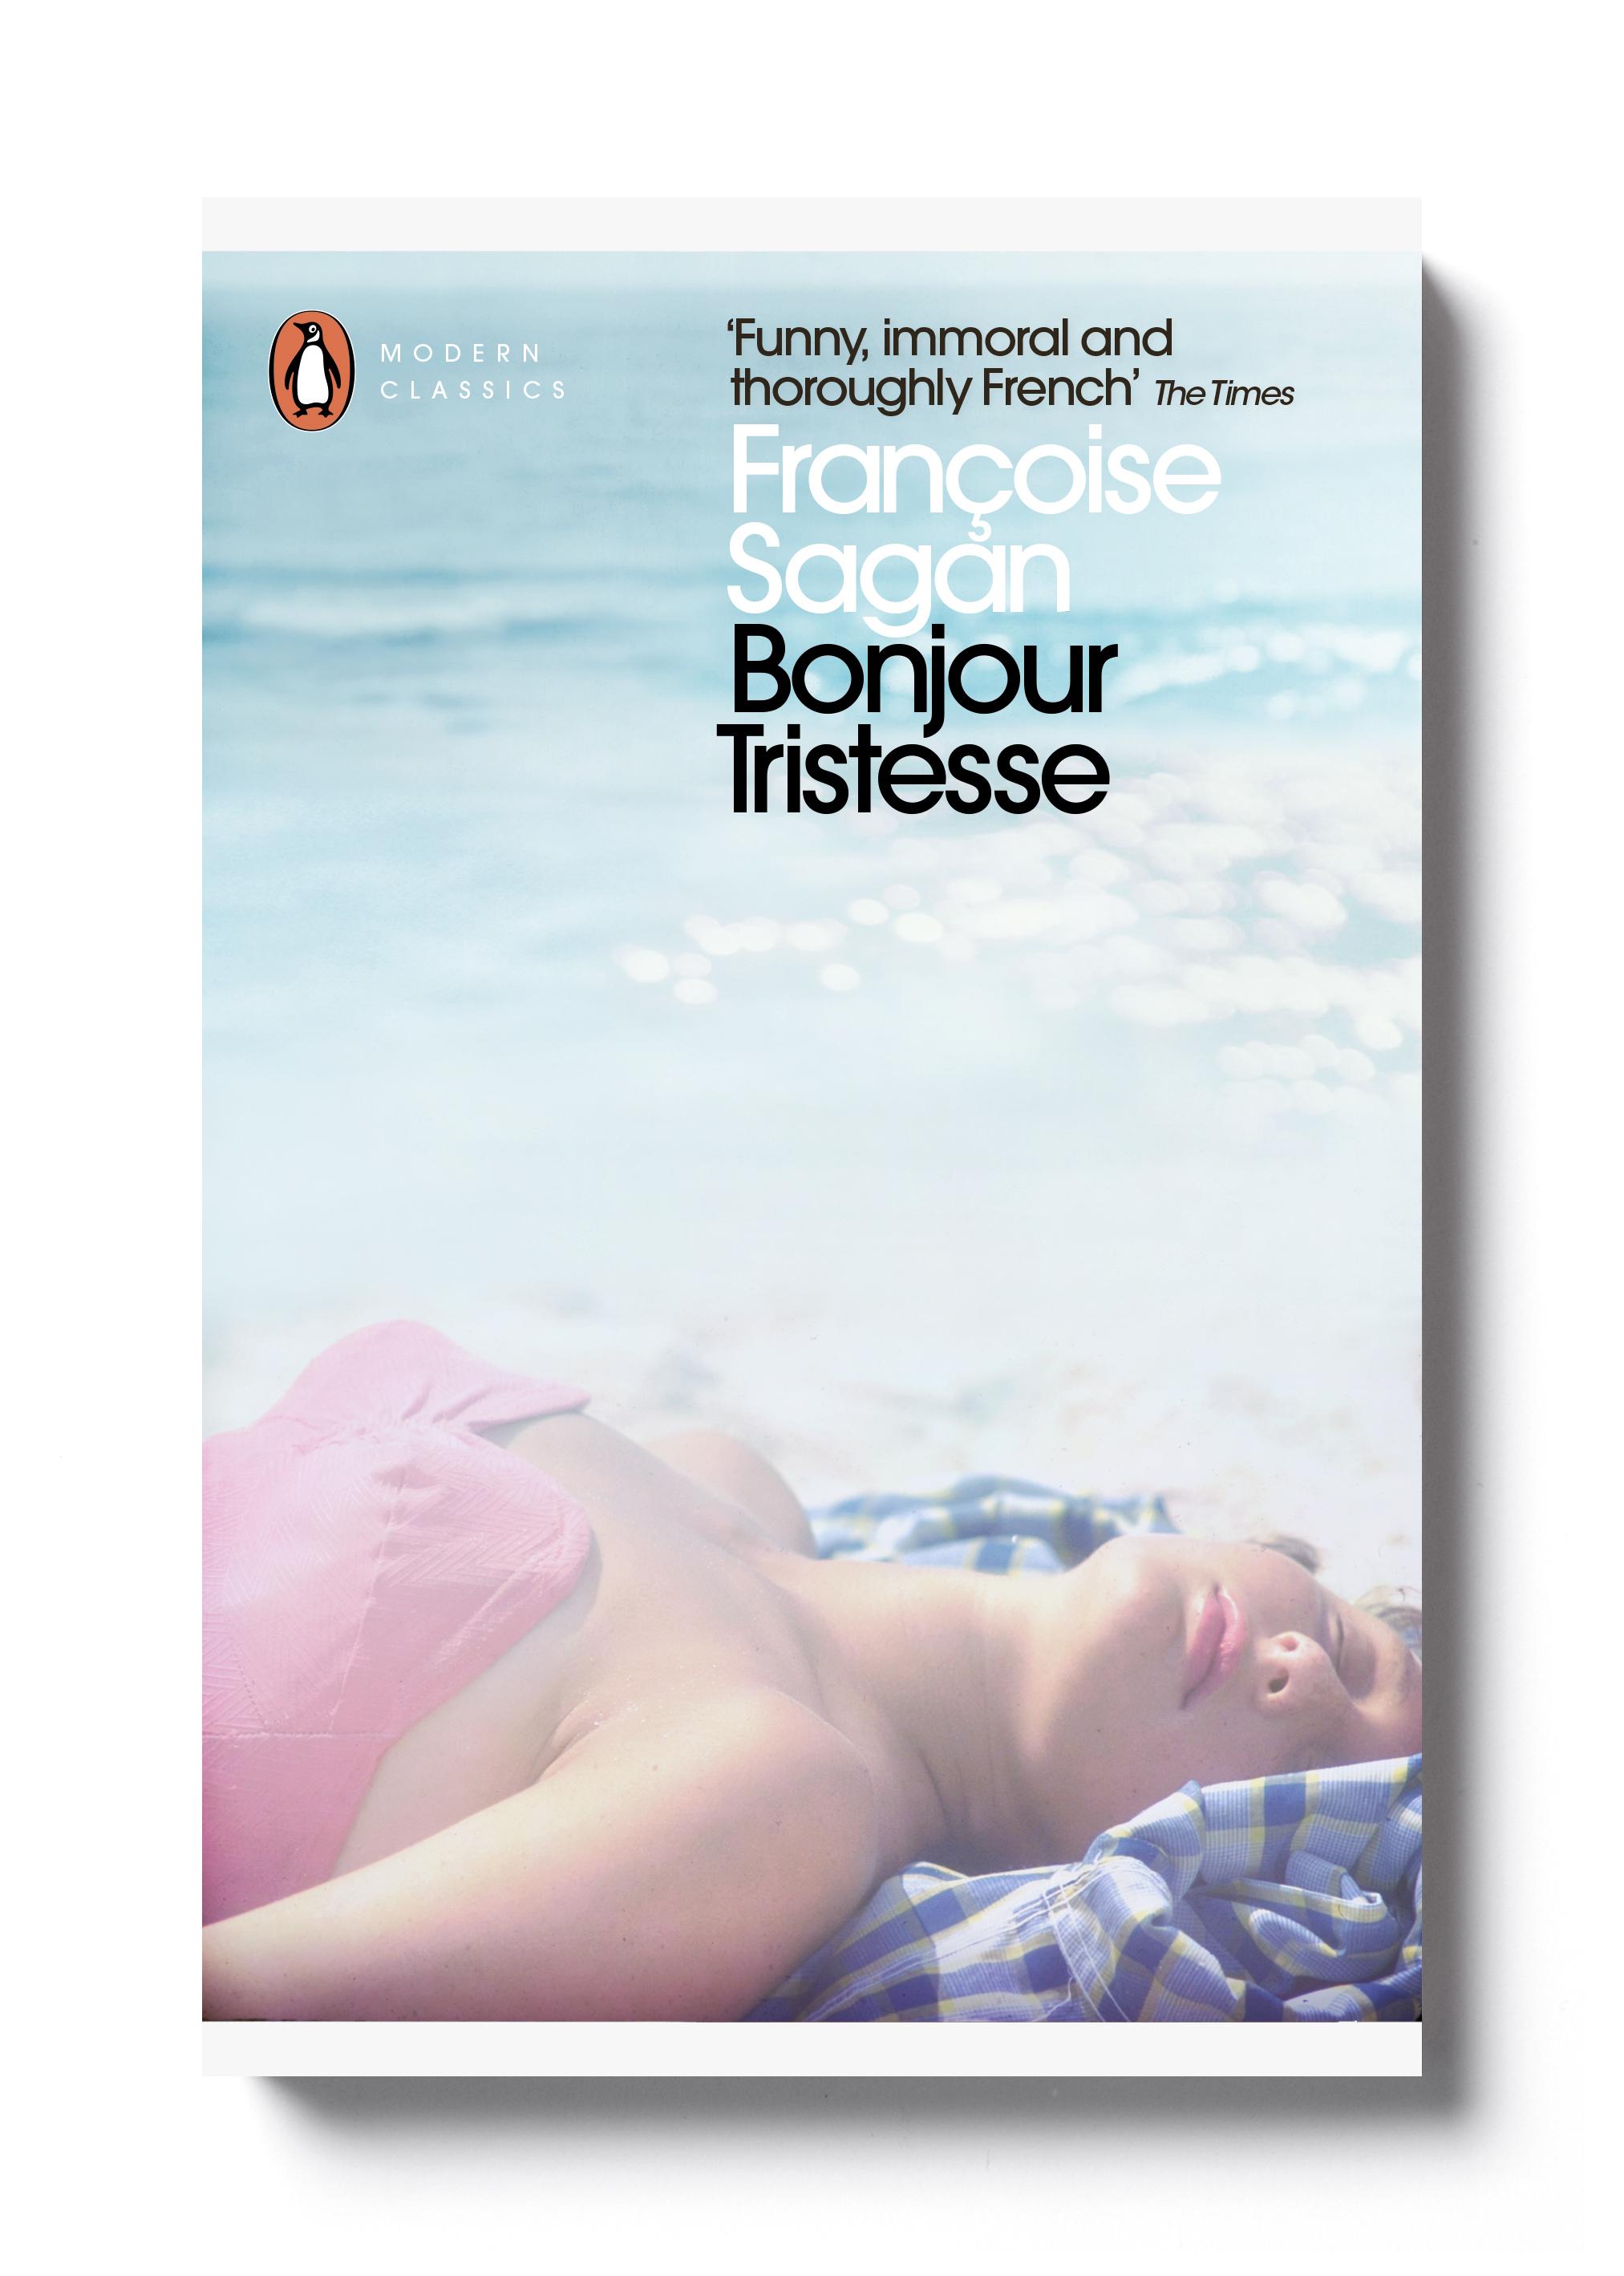 Bonjour Tristesse by Françoise Sagan - Design: Jim Stoddart